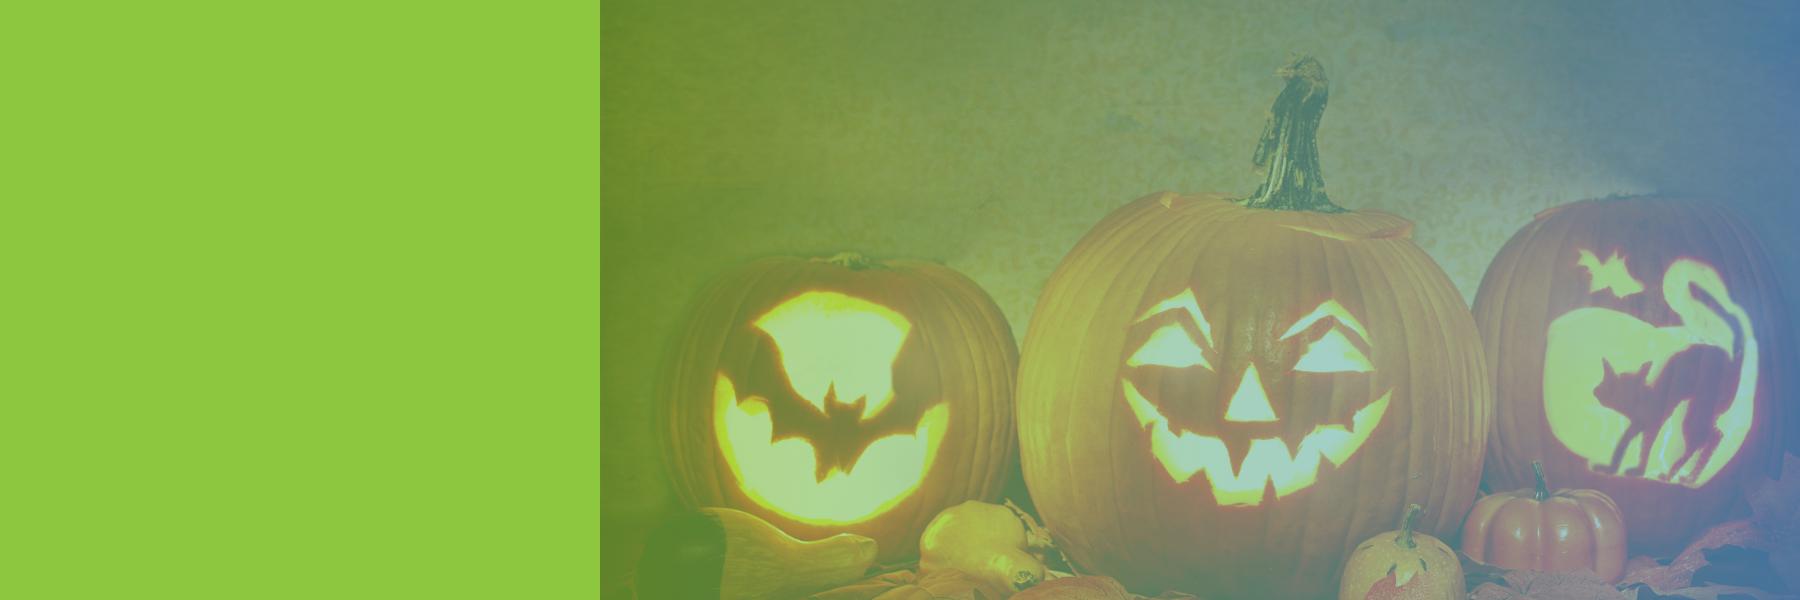 halloween hands-on activites.png